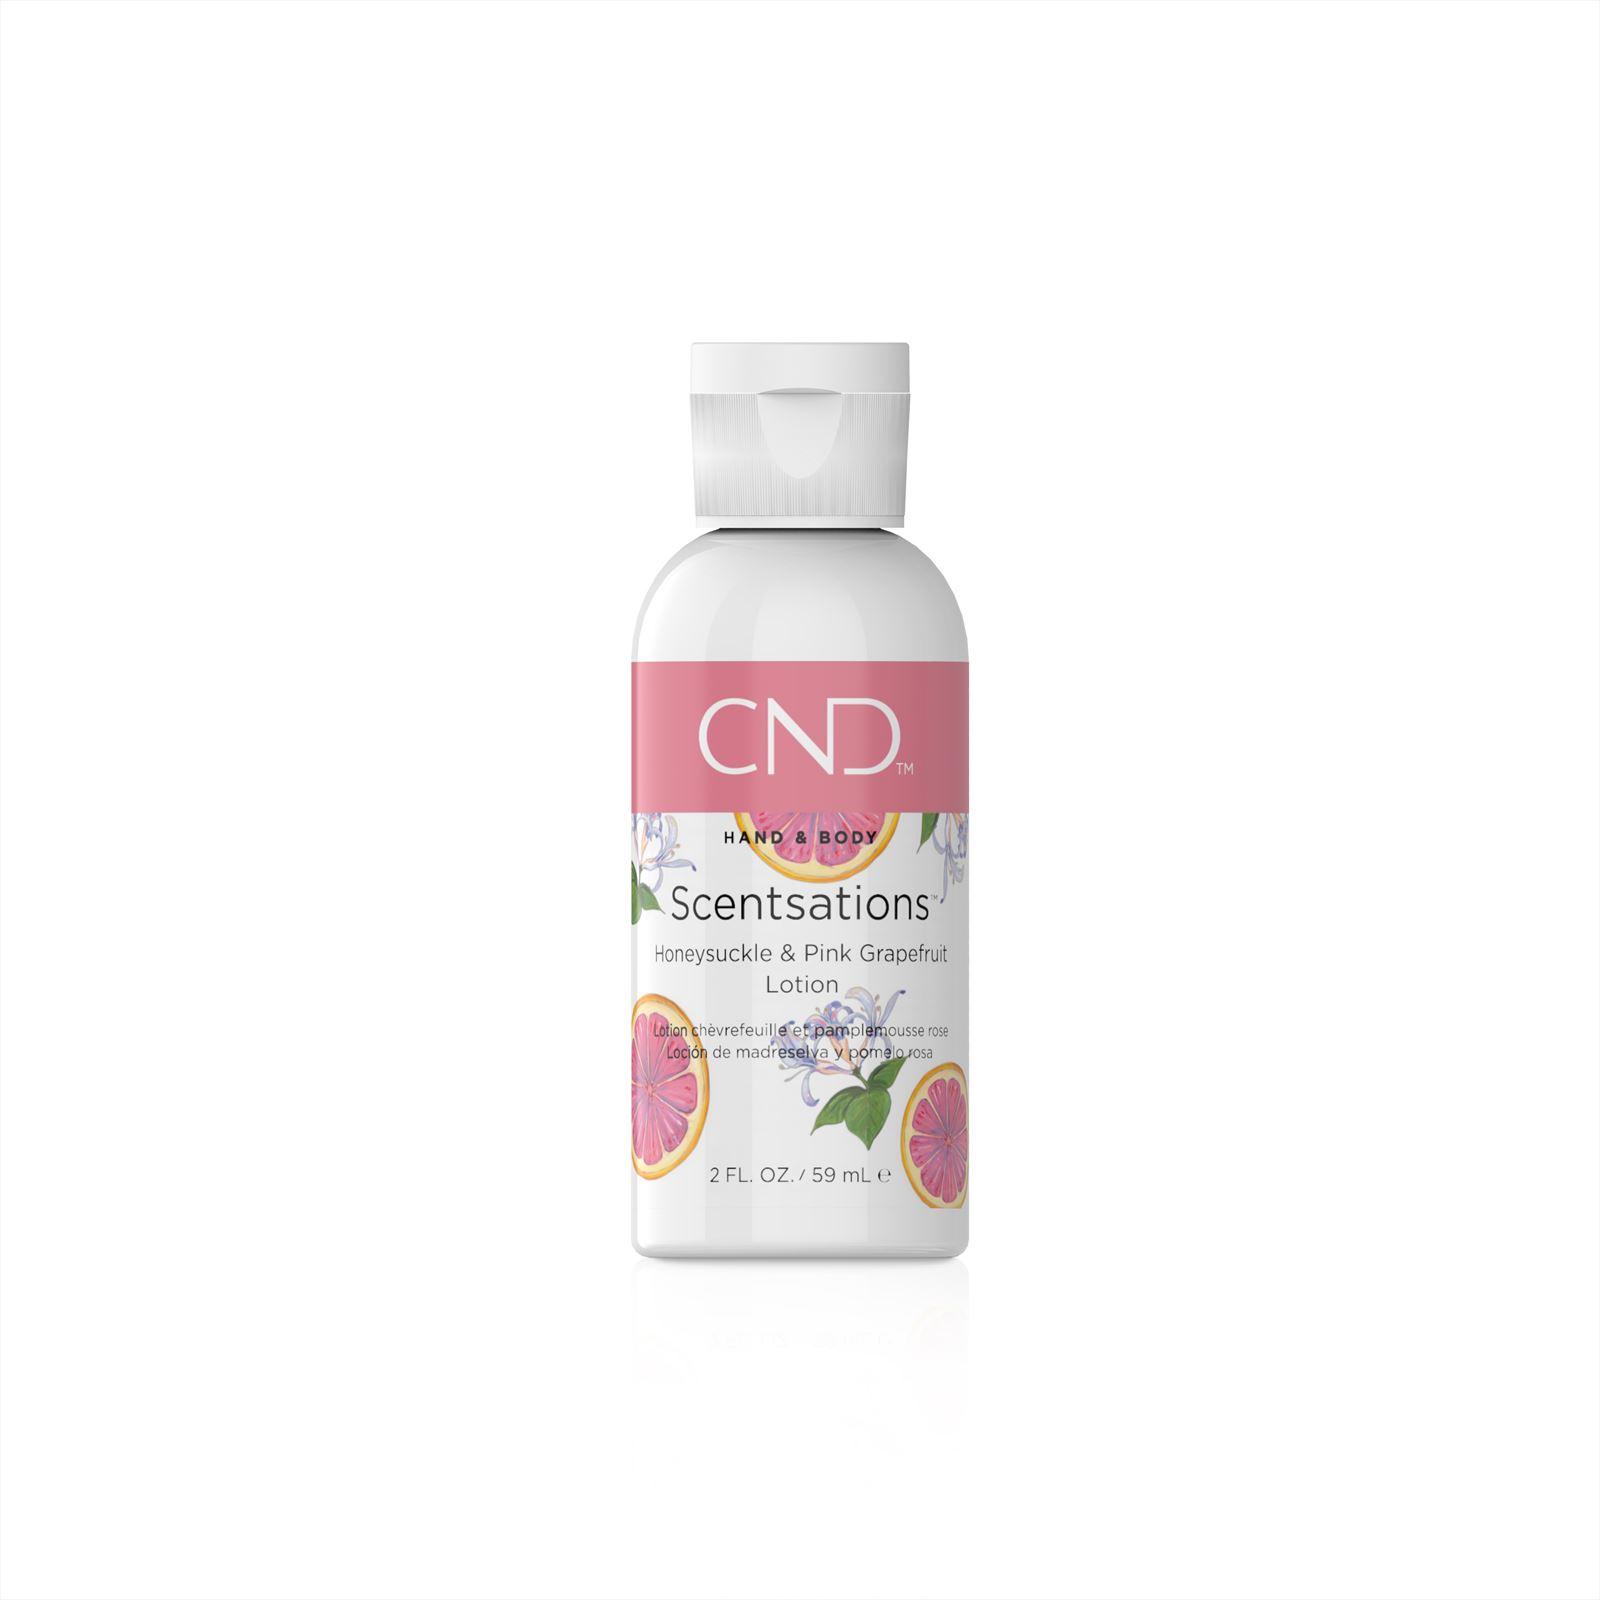 Afbeelding van CND ™ Scentsations Lotion - Honeysuckle & Pink Grapefruit 59 ml